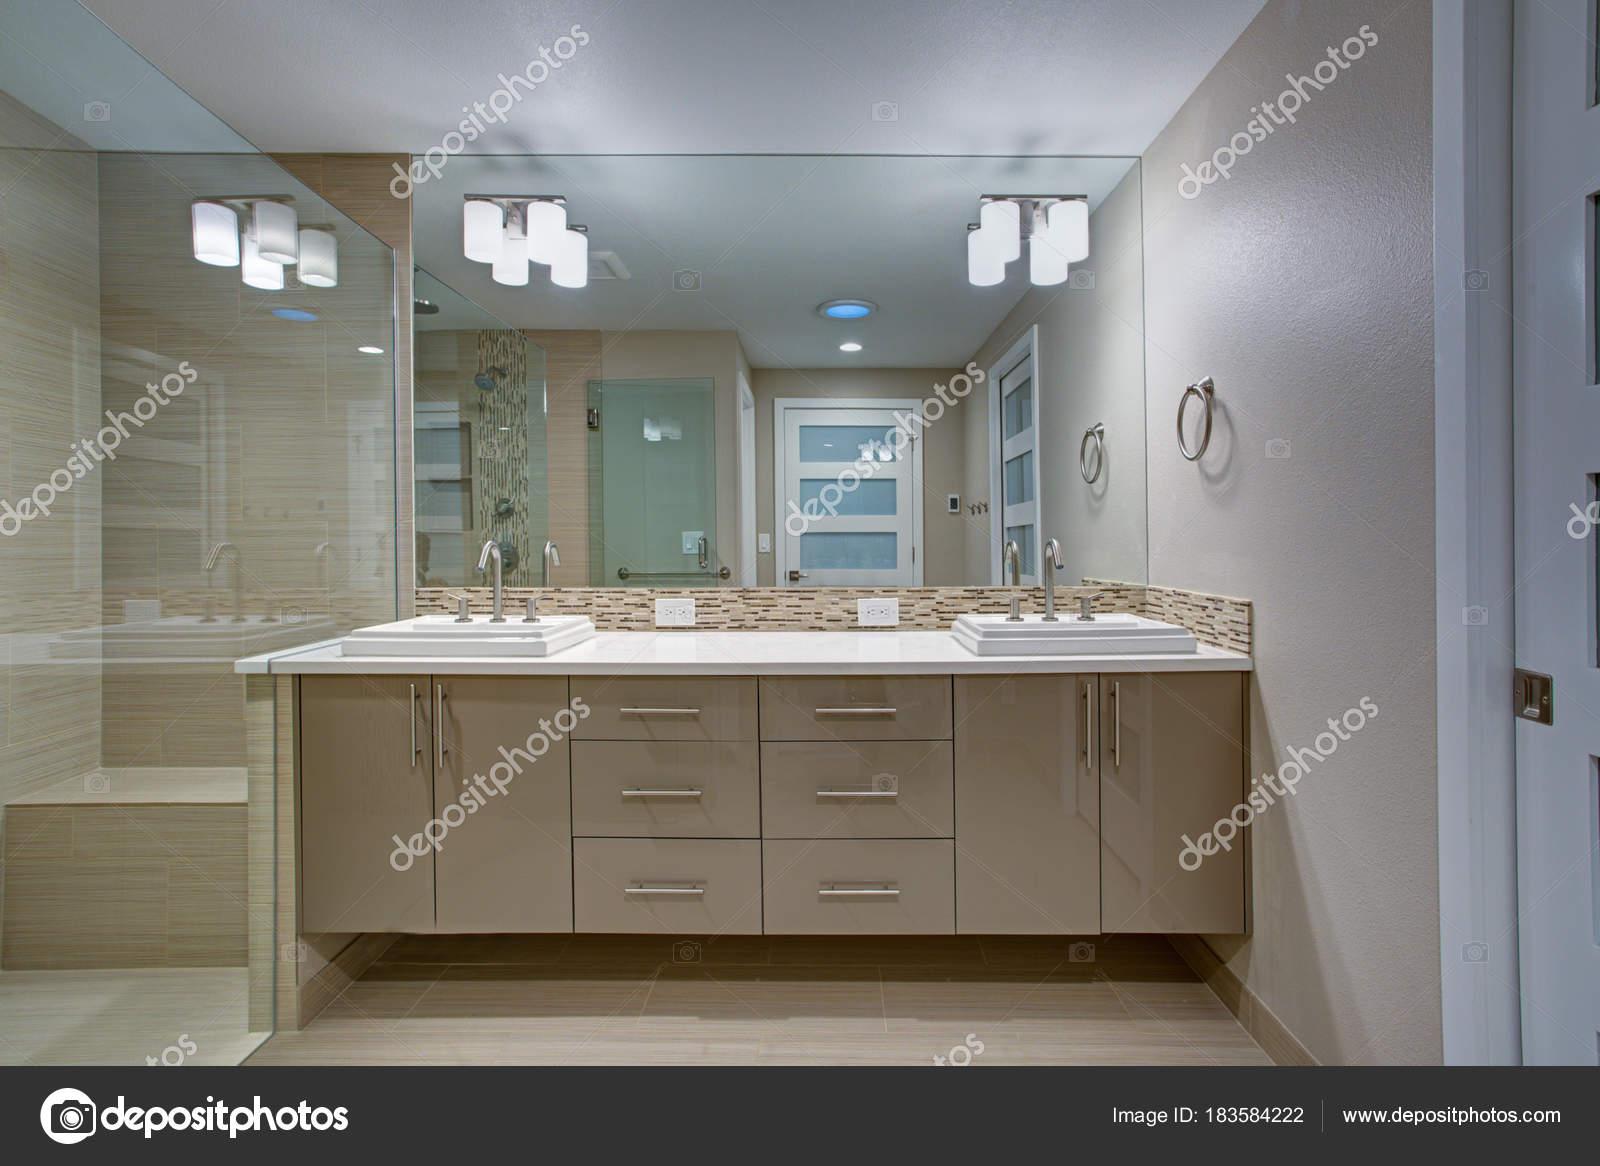 Moderne Badezimmer Verfügt über Eine Doppelte Waschtisch Mit Mosaik  Backsplash Unter Einem Ganzkörperspiegel Eitelkeit Akzentuiert Neben  Platziert Beige ...